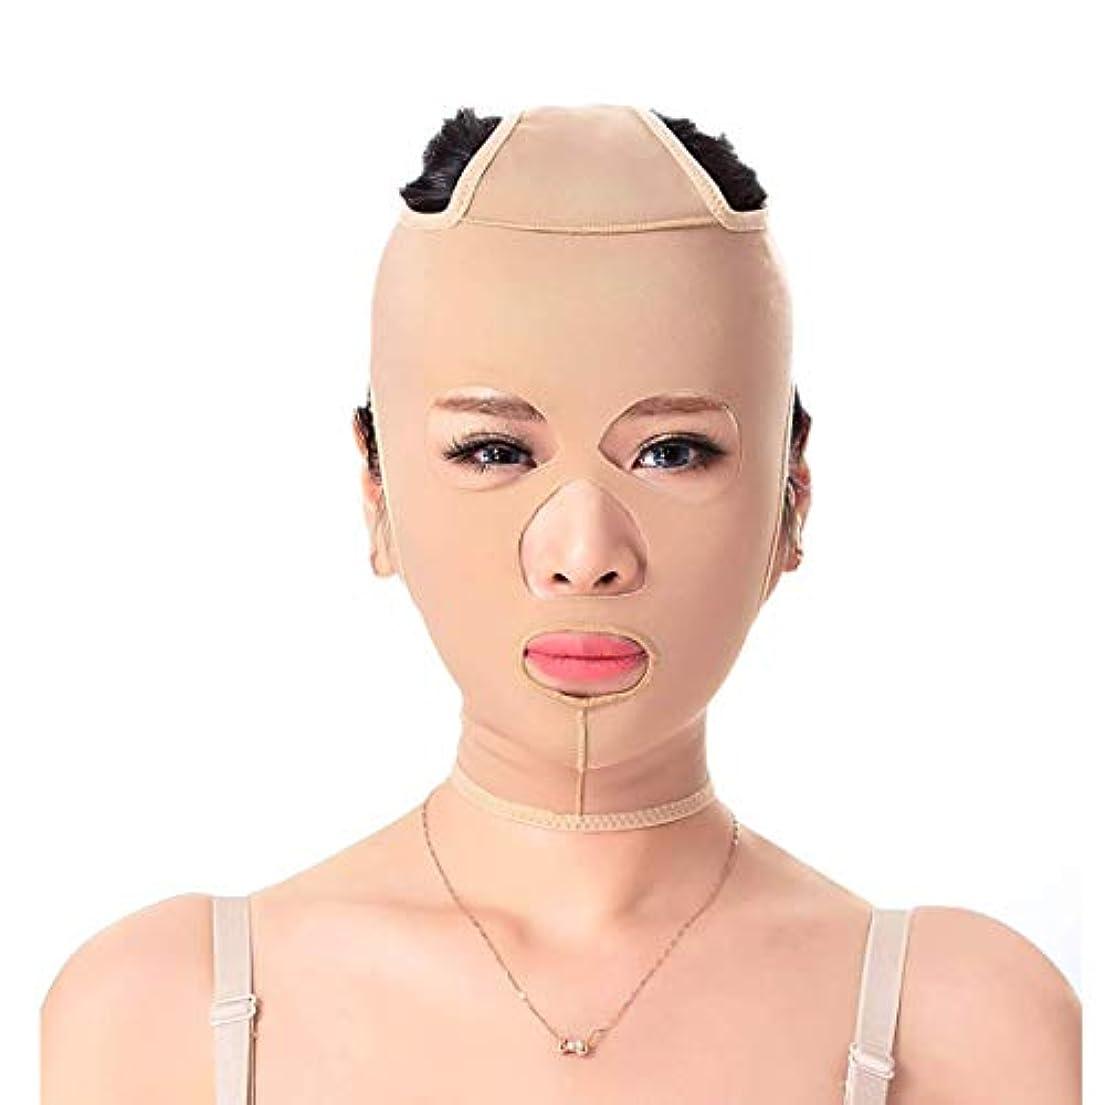 おしゃれじゃない回答フラスコスリミングベルト、二重あごの引き締め顔面プラスチック顔アーティファクト強力な顔の包帯を脇に持ち上げるパターンを欺くためのフェイシャルマスク薄いフェイスマスク(サイズ:XXL),Xl